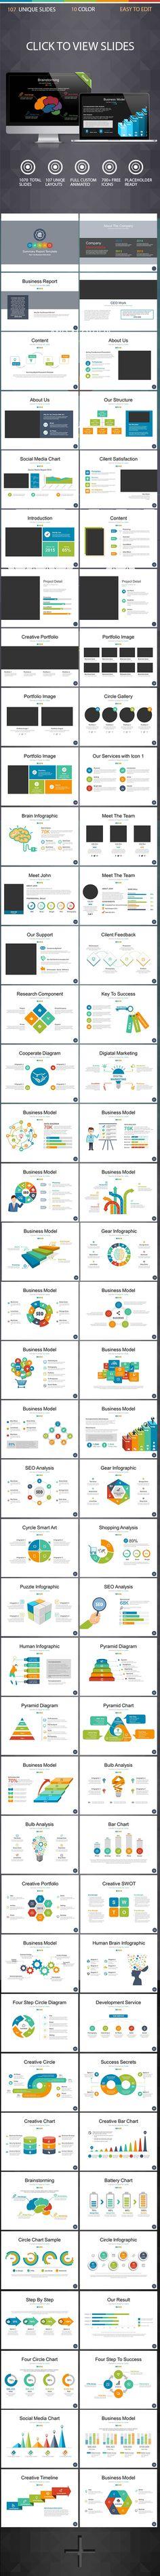 Modern Business PowerPoint Template 2